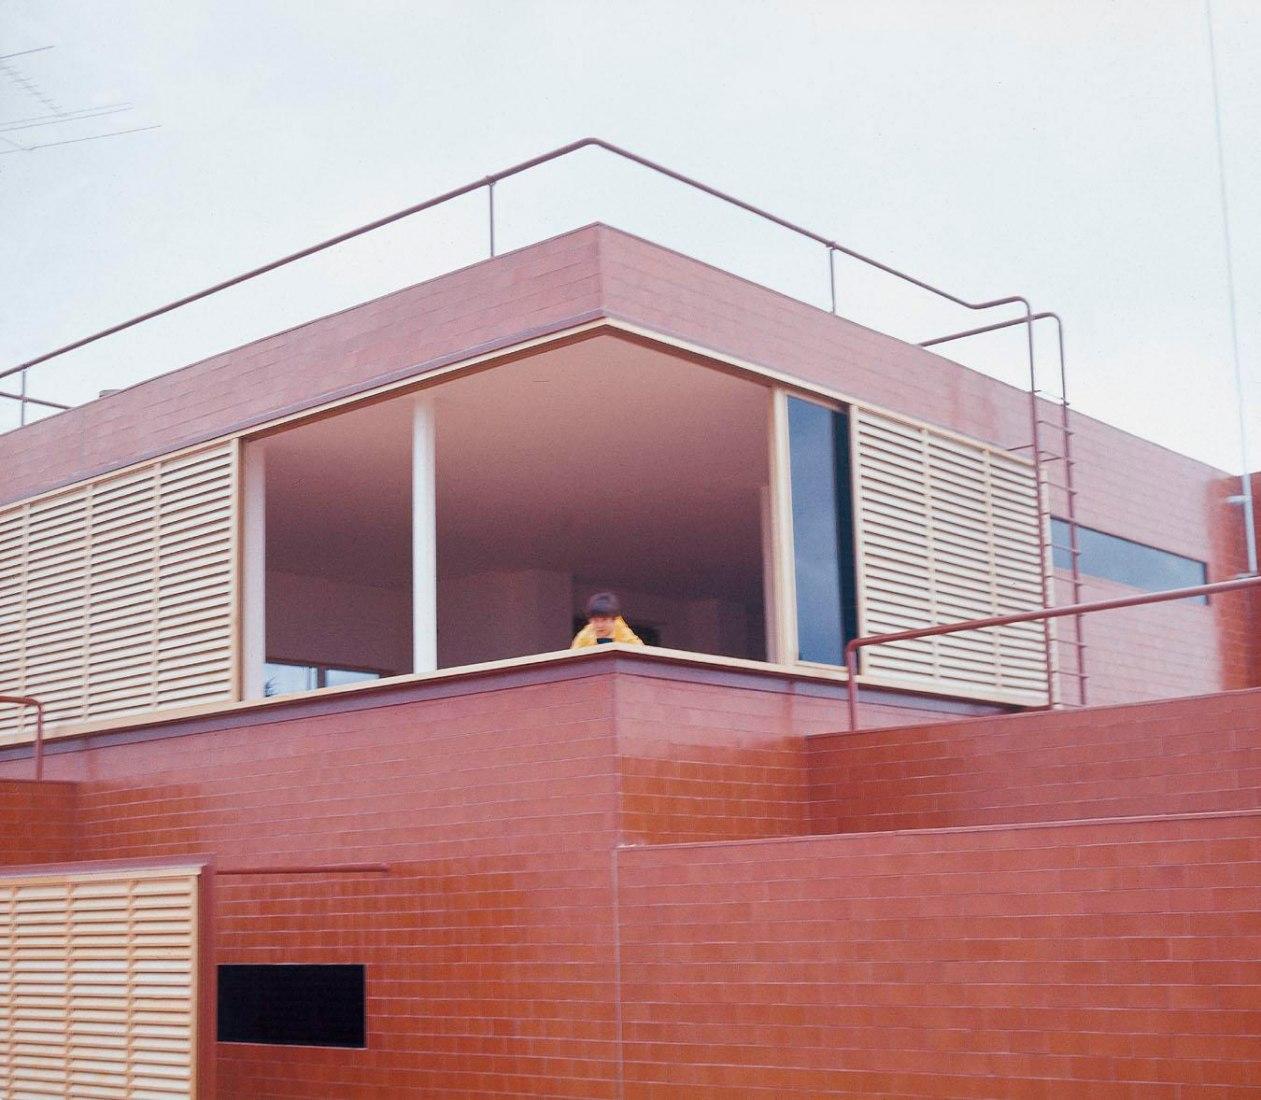 Casa Guzmán by Alejandro de la Sota. Image courtesy of Alejandro de la Sota Foundation